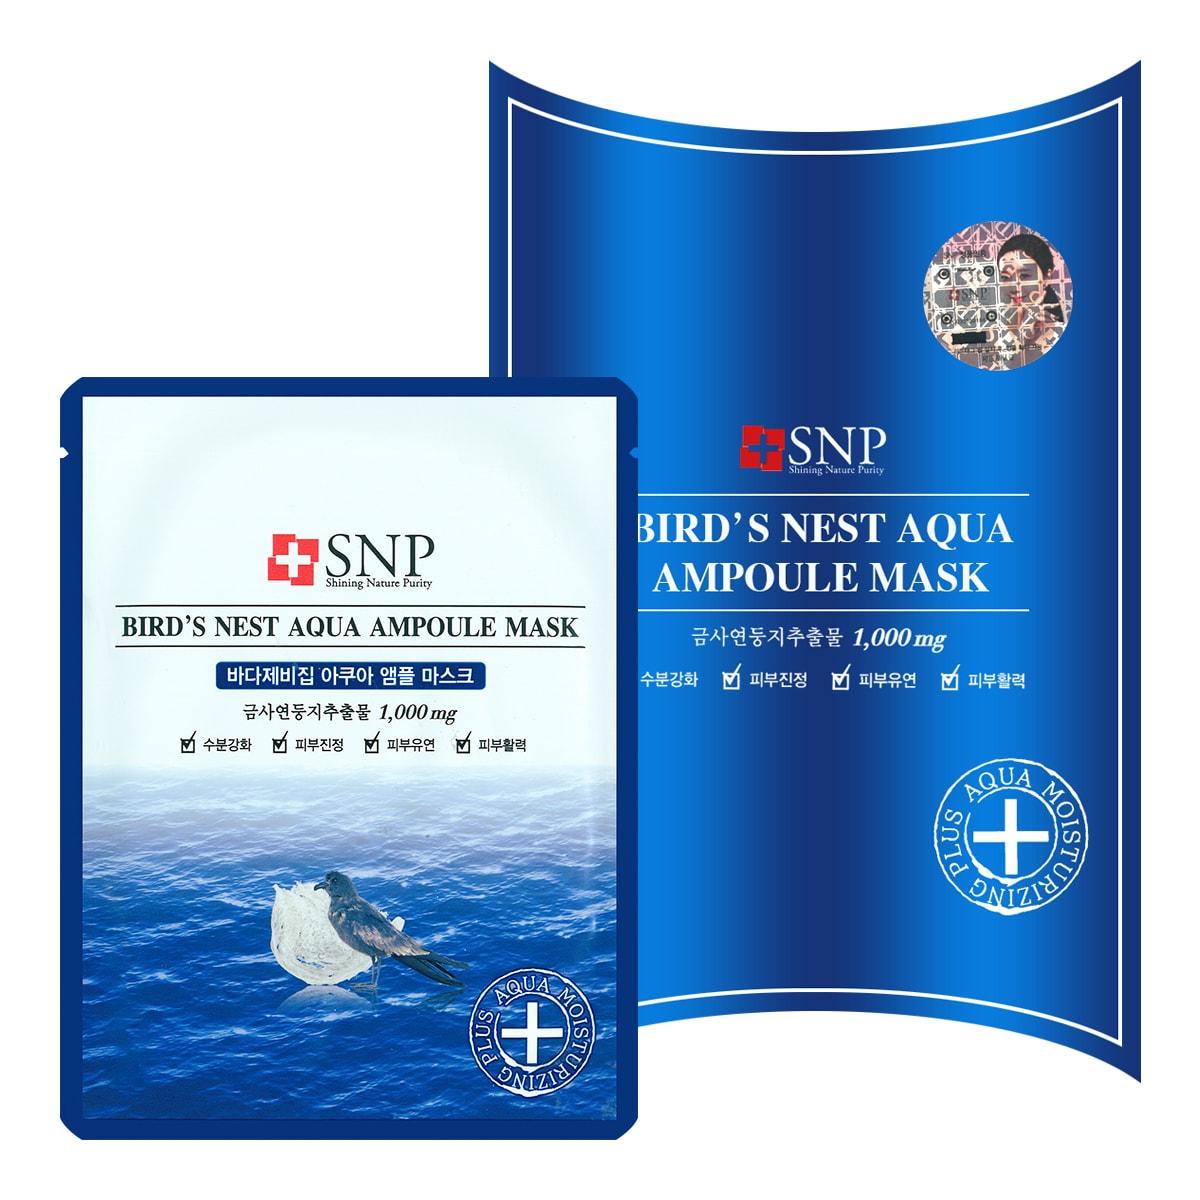 SNP Bird's Nest Aqua Ampoule Mask 10sheets